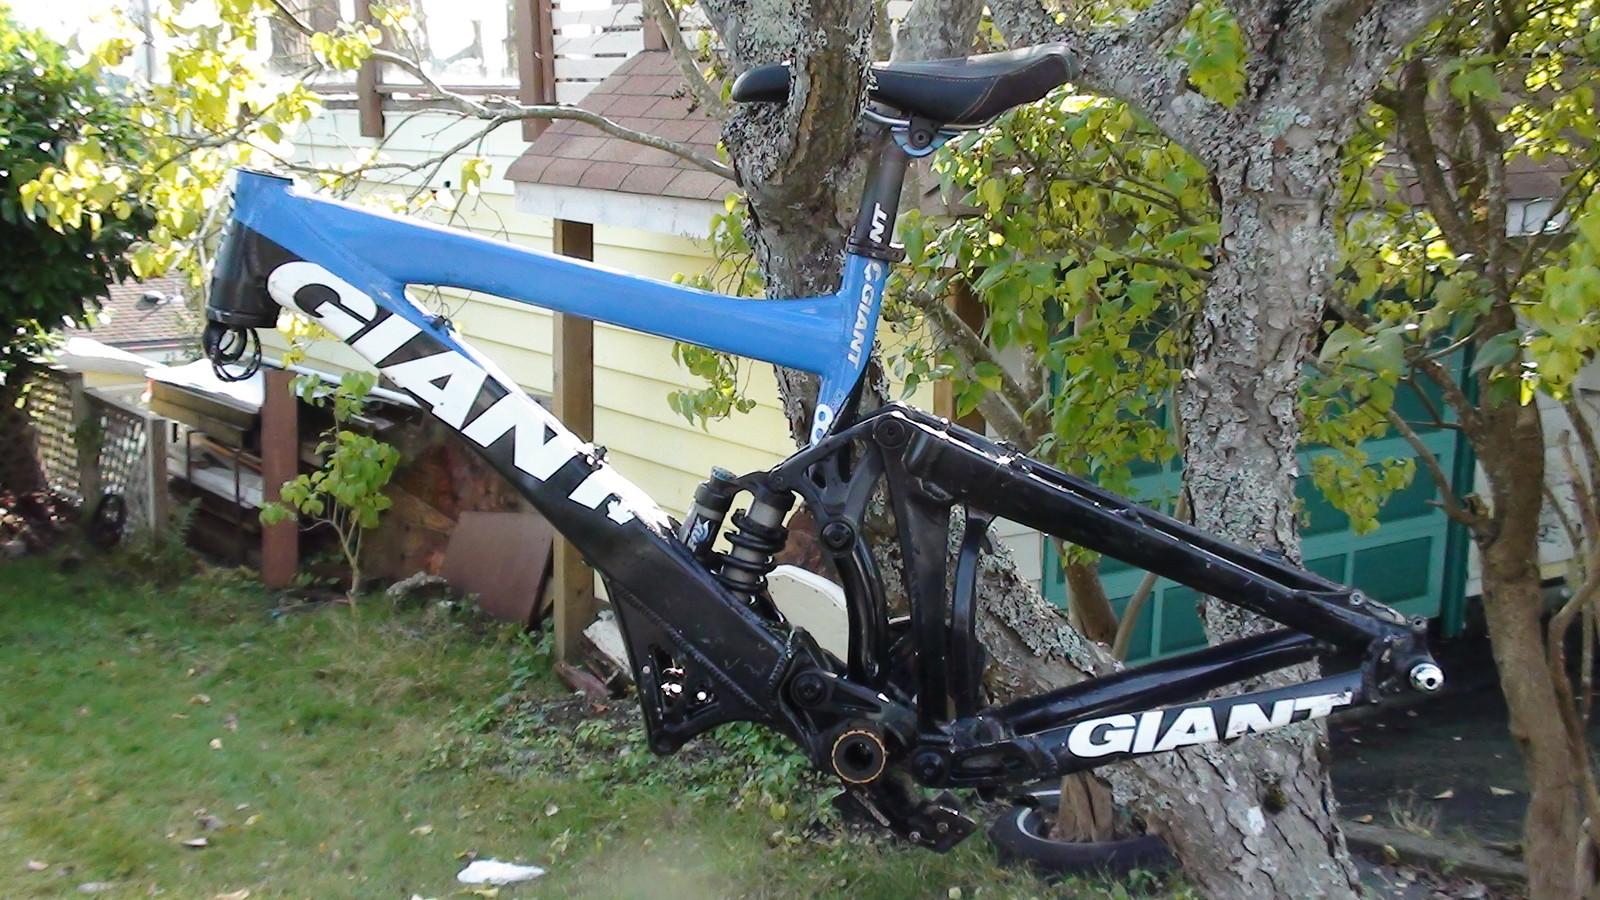 DSC00103 - derekt - Mountain Biking Pictures - Vital MTB